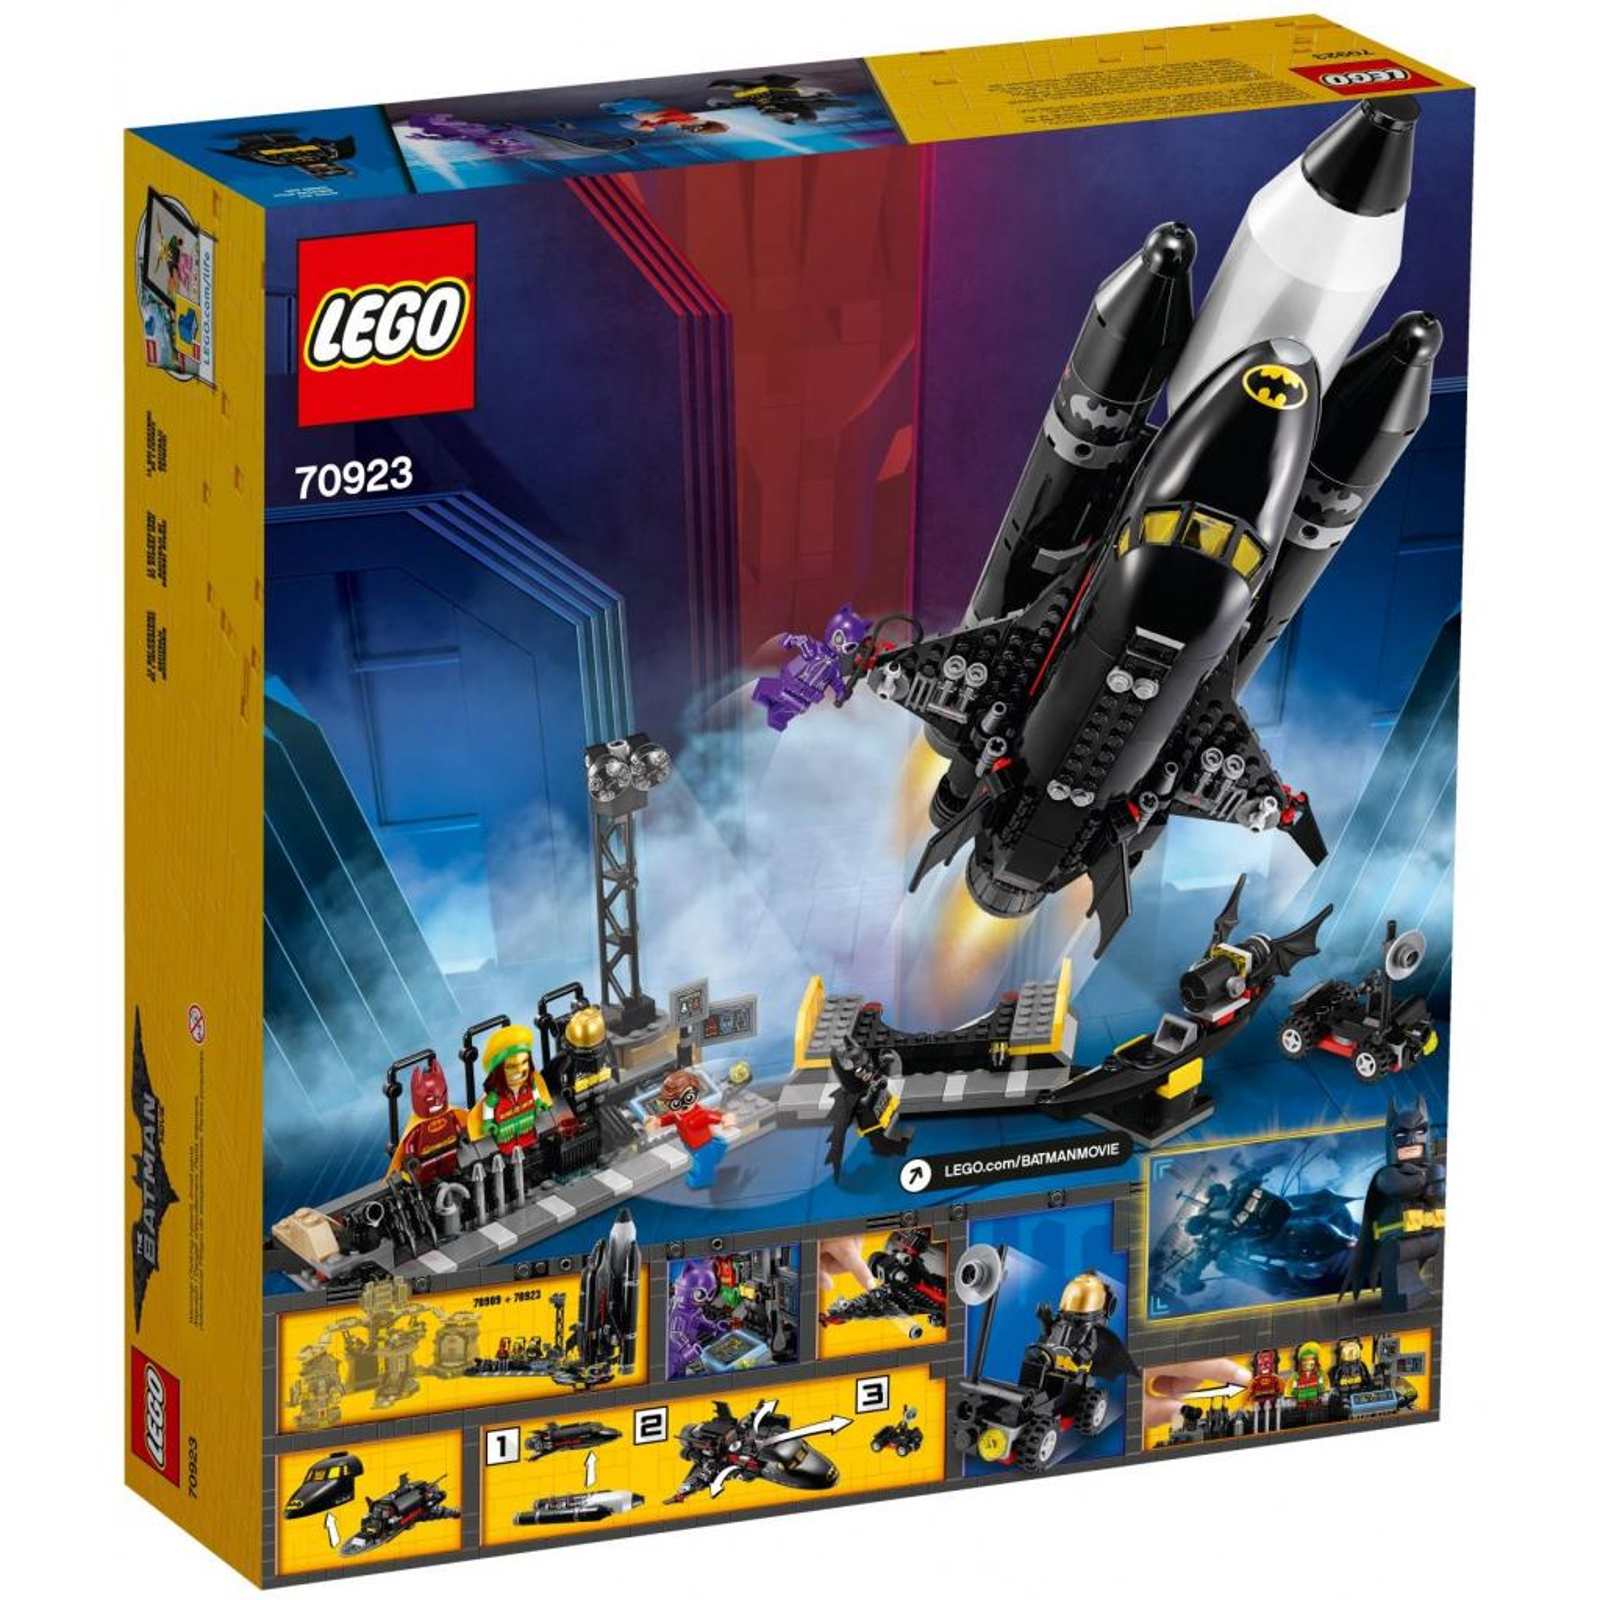 Конструктор LEGO Batman Movie Космический бетшатл (70923) изображение 11